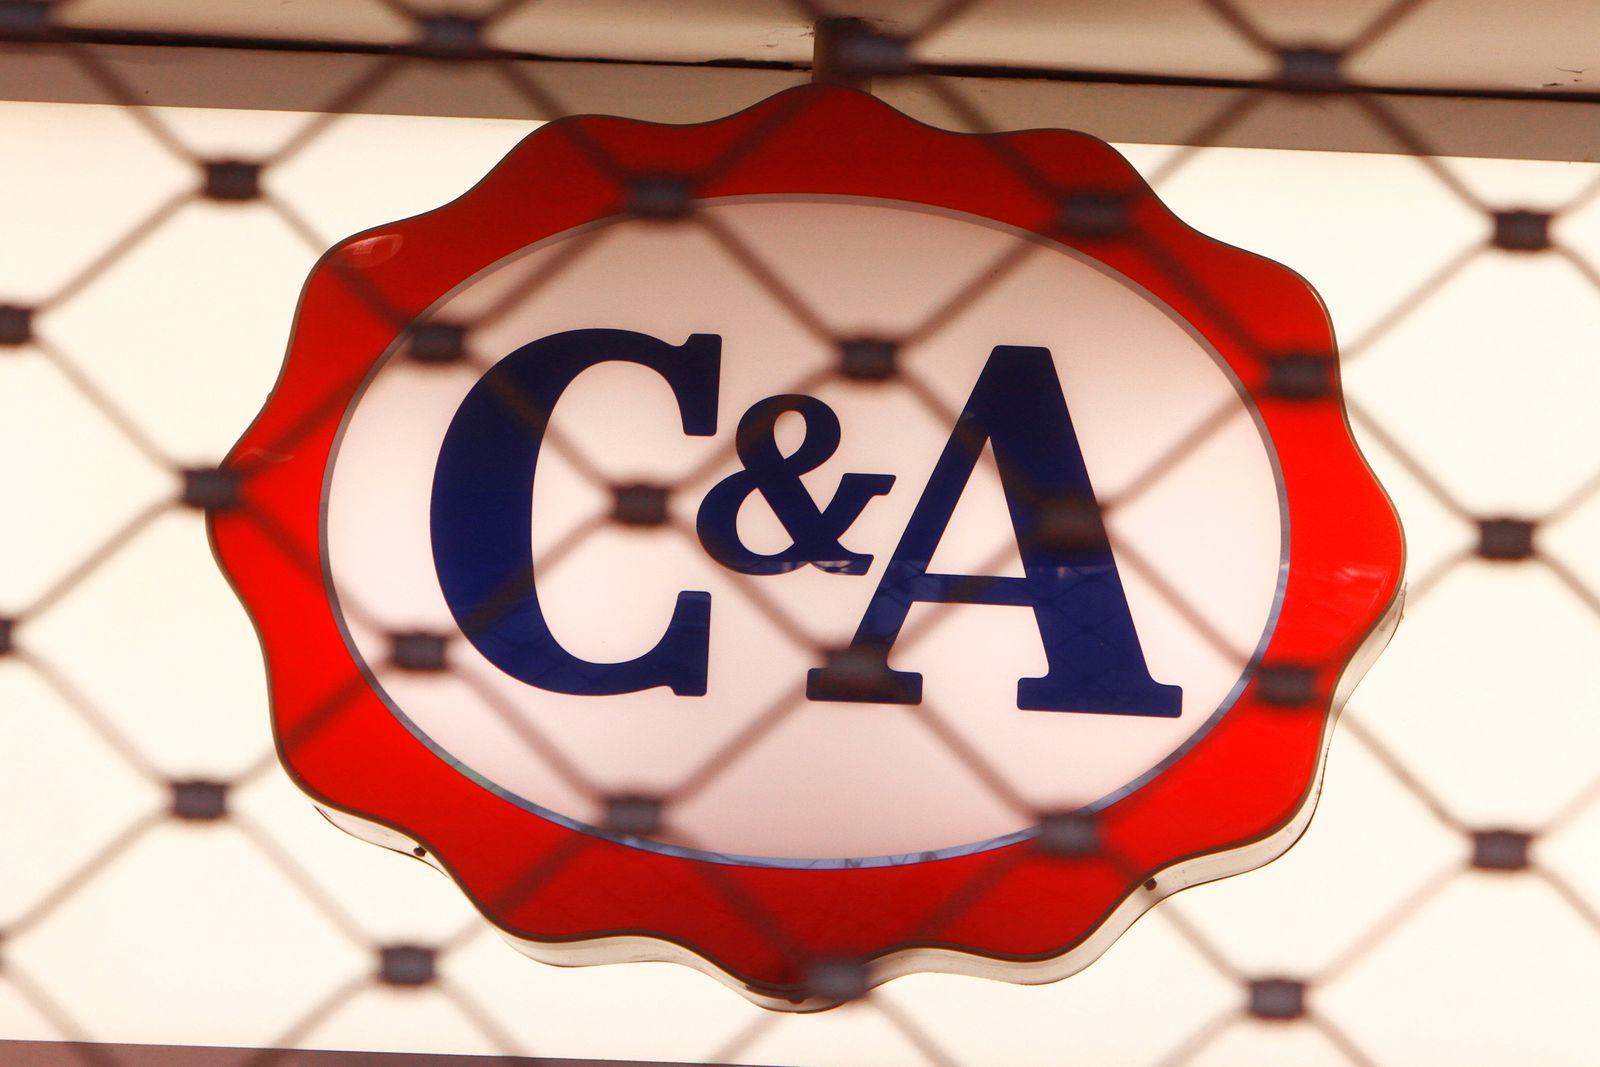 Unternehmenslogo an einer durch ein Rolltor verschlossenen C&A Filiale in der Innenstadt von München, Bayern, Deutschlan